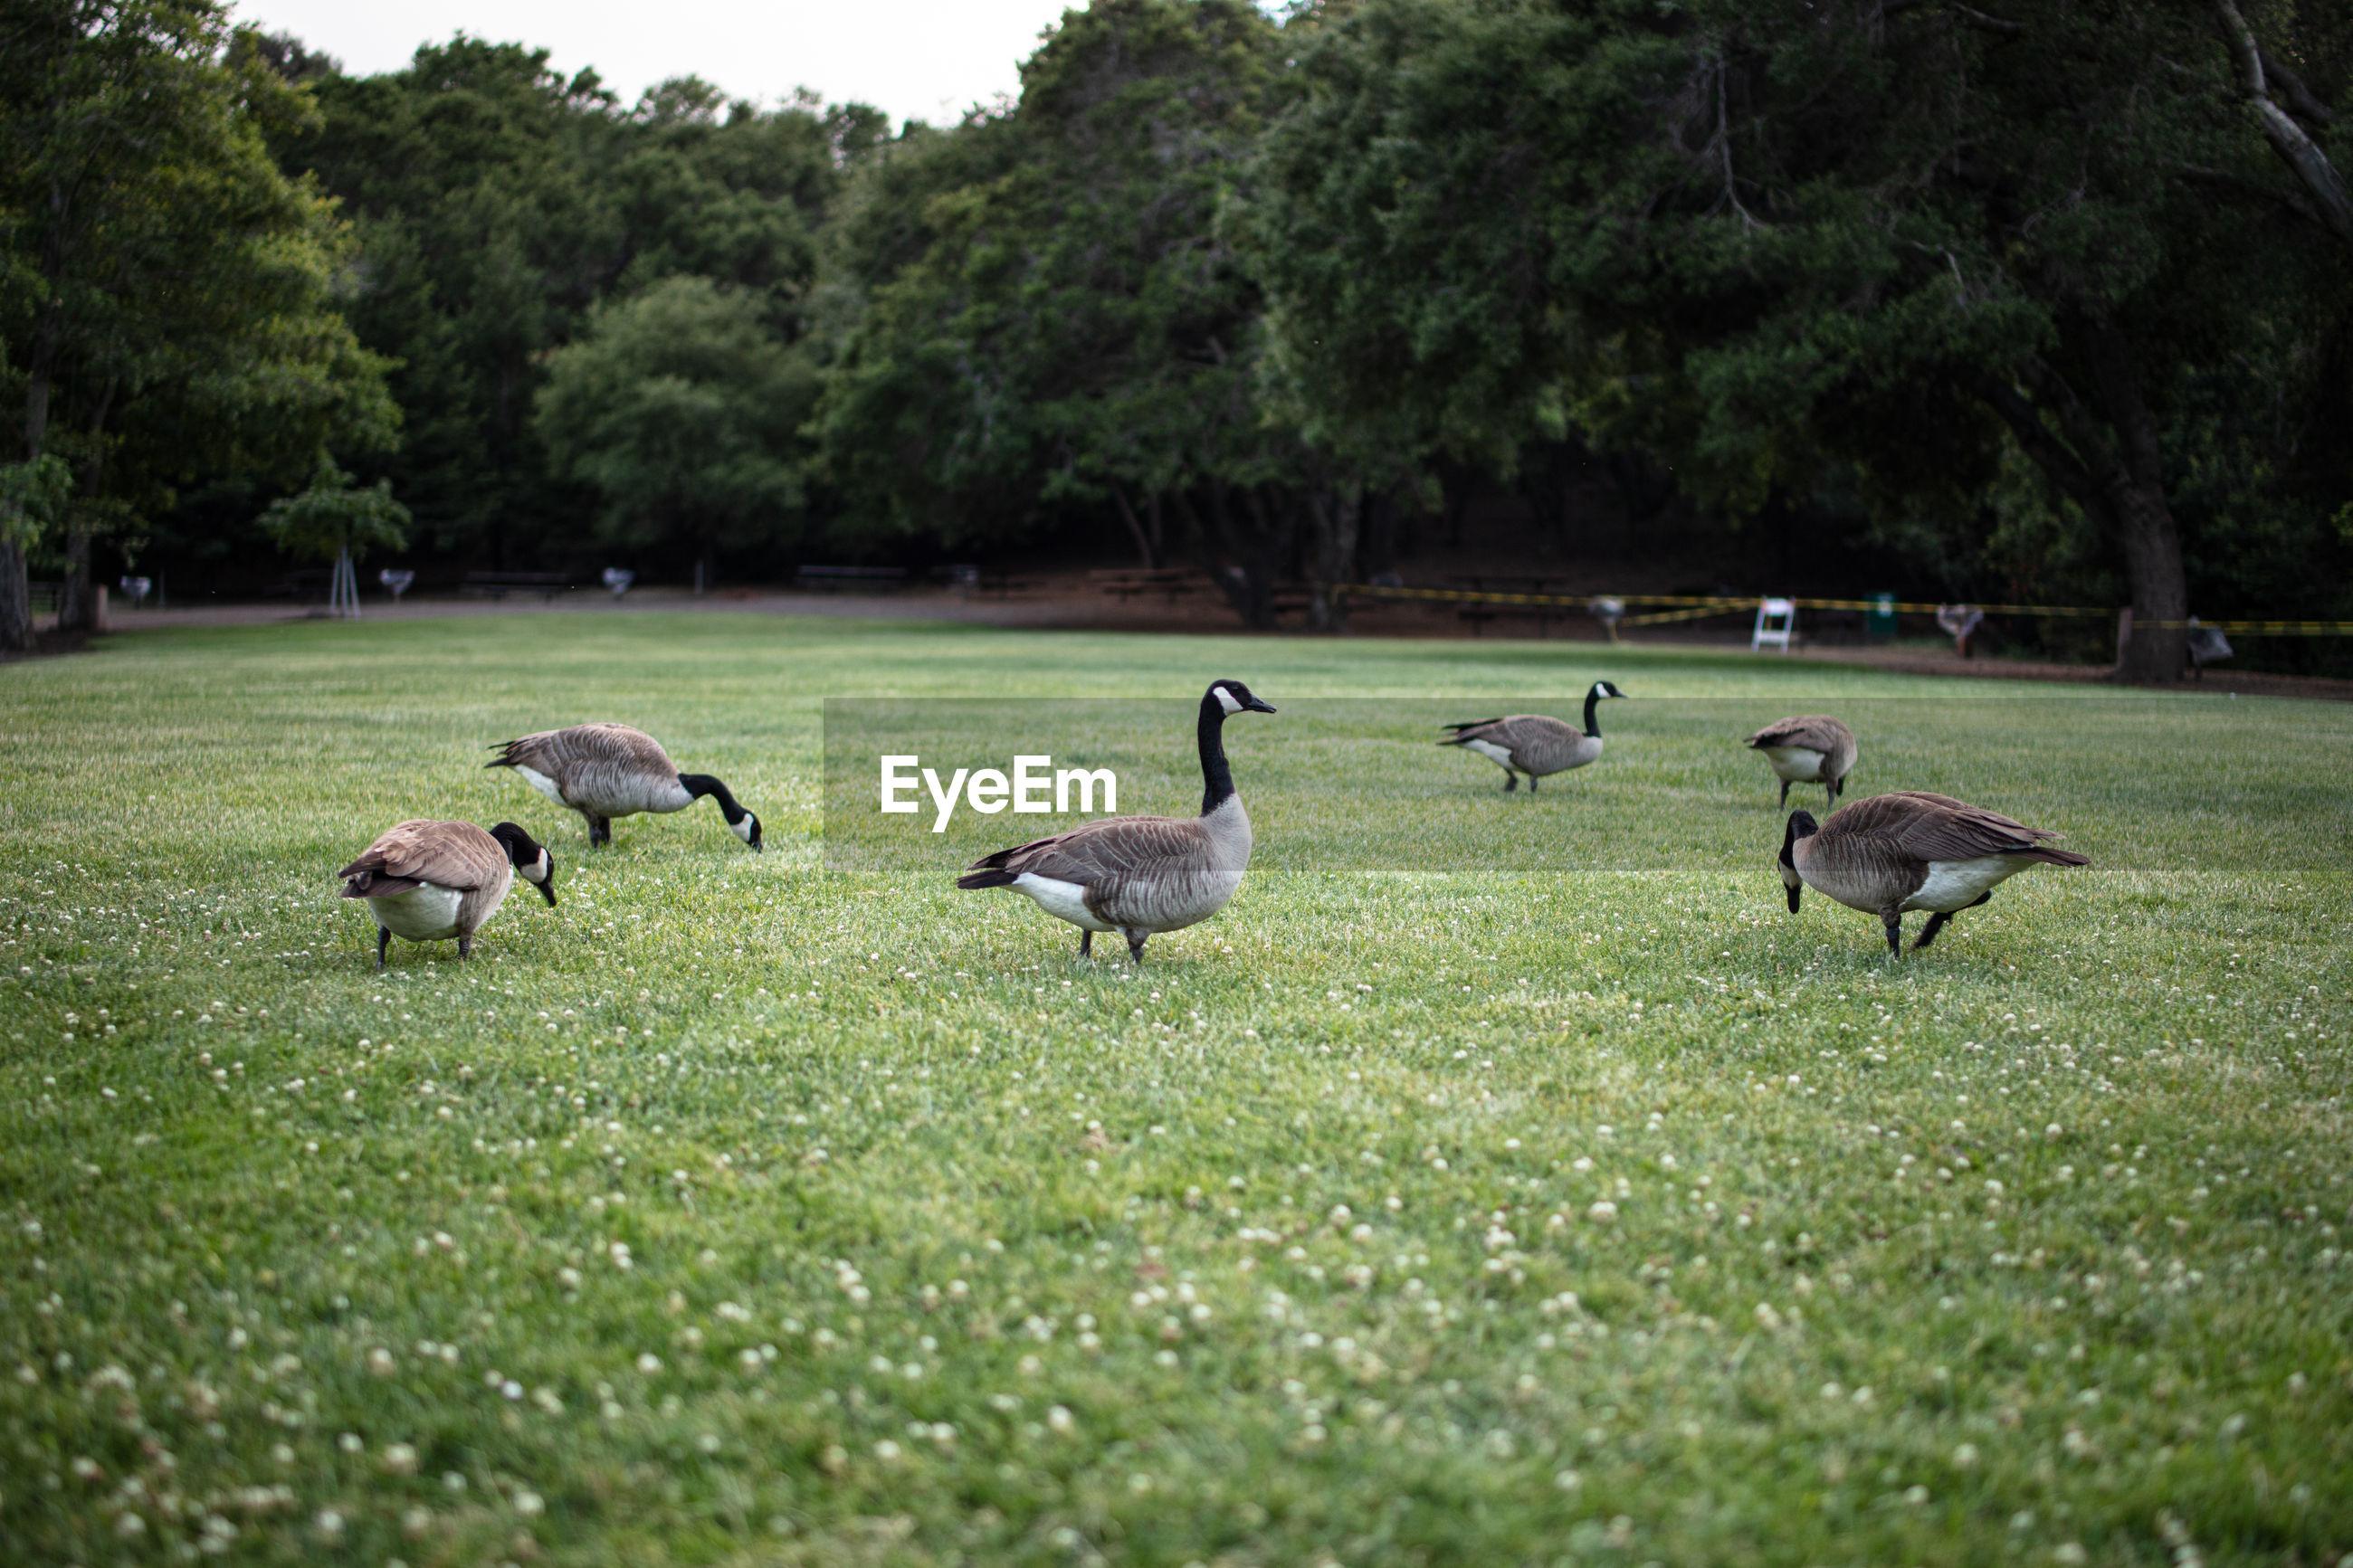 FLOCK OF BIRDS ON FIELD